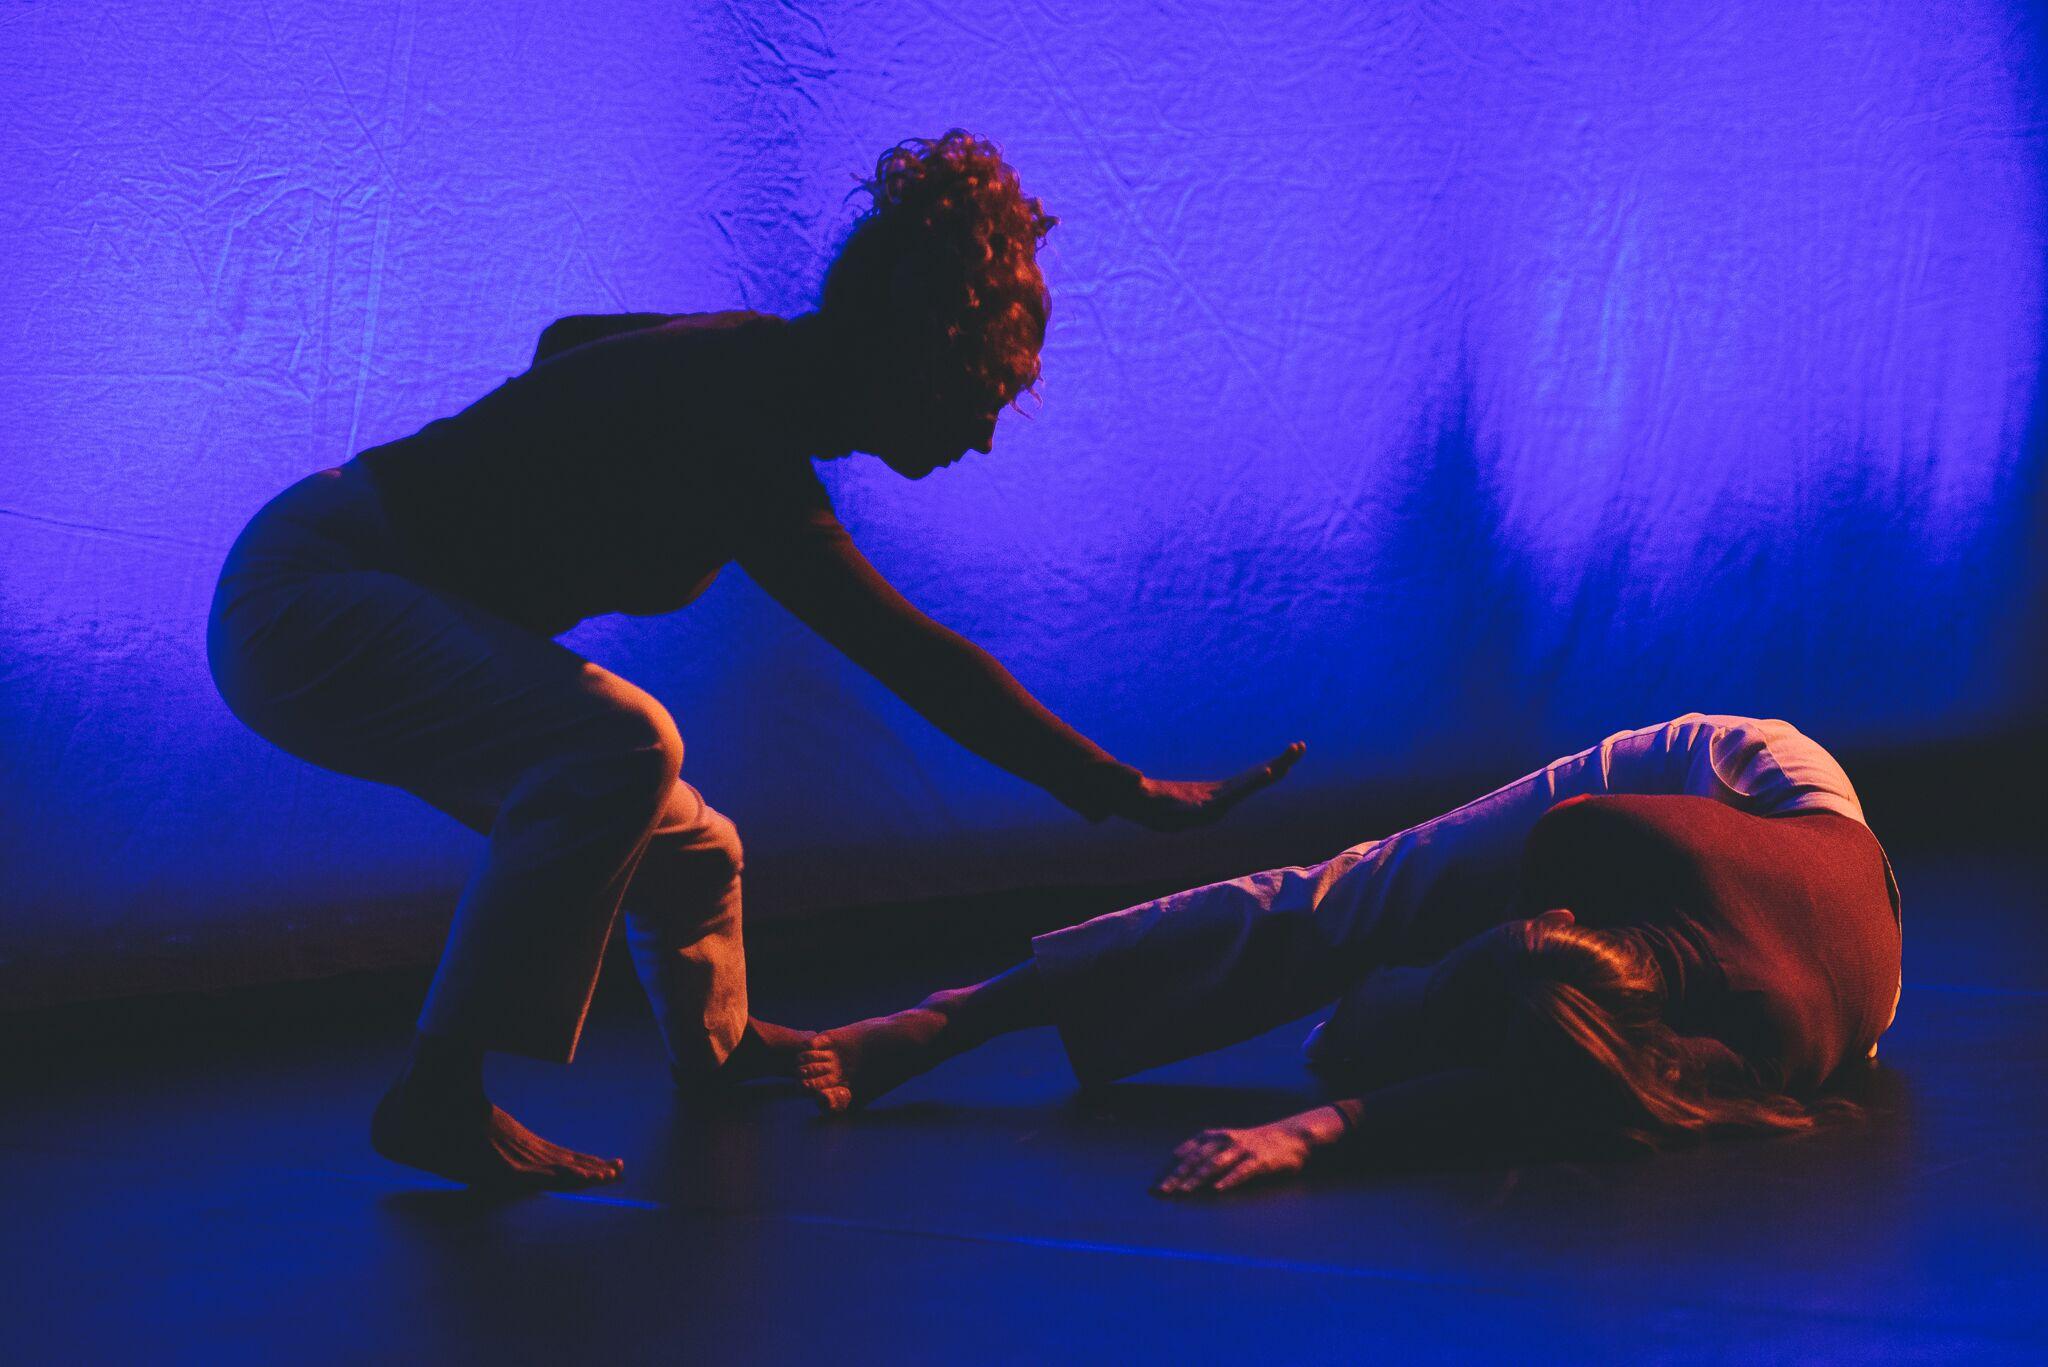 Dancers: Hailley Laurèn, Lucy Wilson